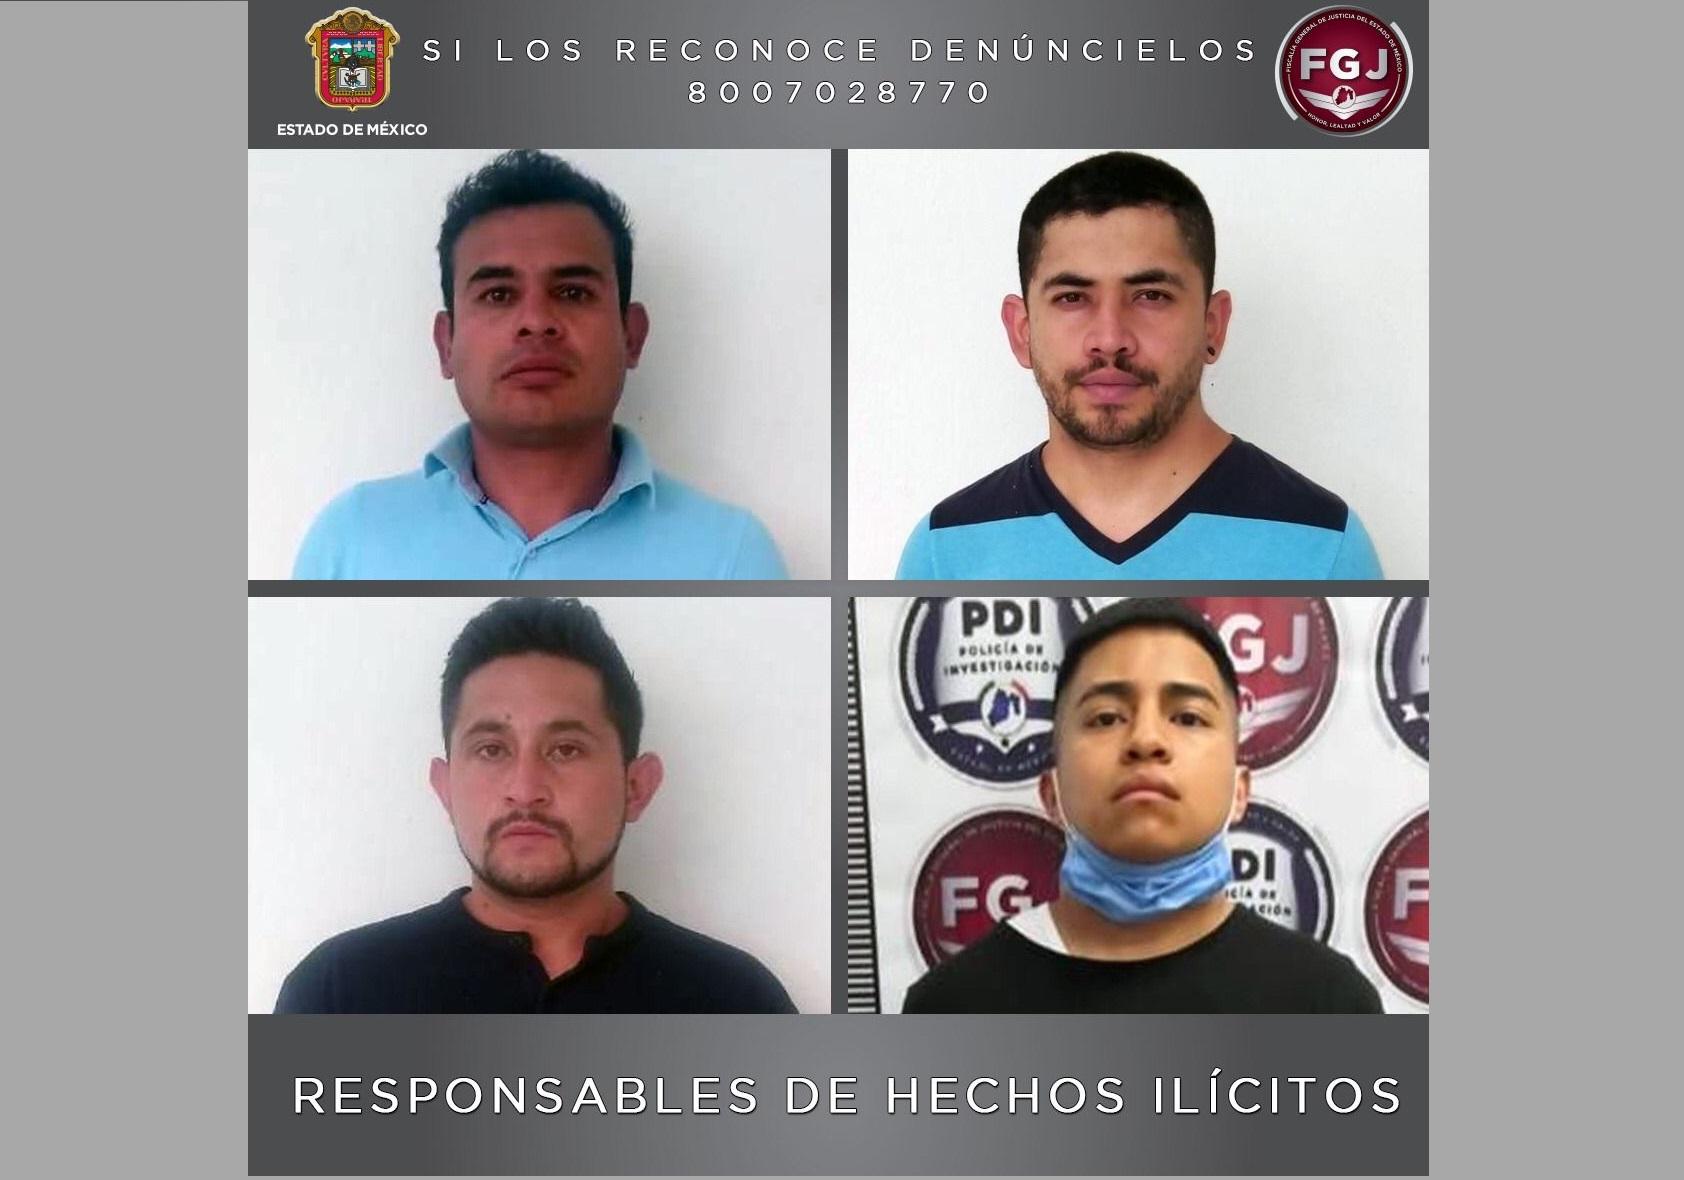 CONDENAN A 22 AÑOS DE PRISIÓN A CUATRO SUJETOS POR EL ROBO DE VEHÍCULOS